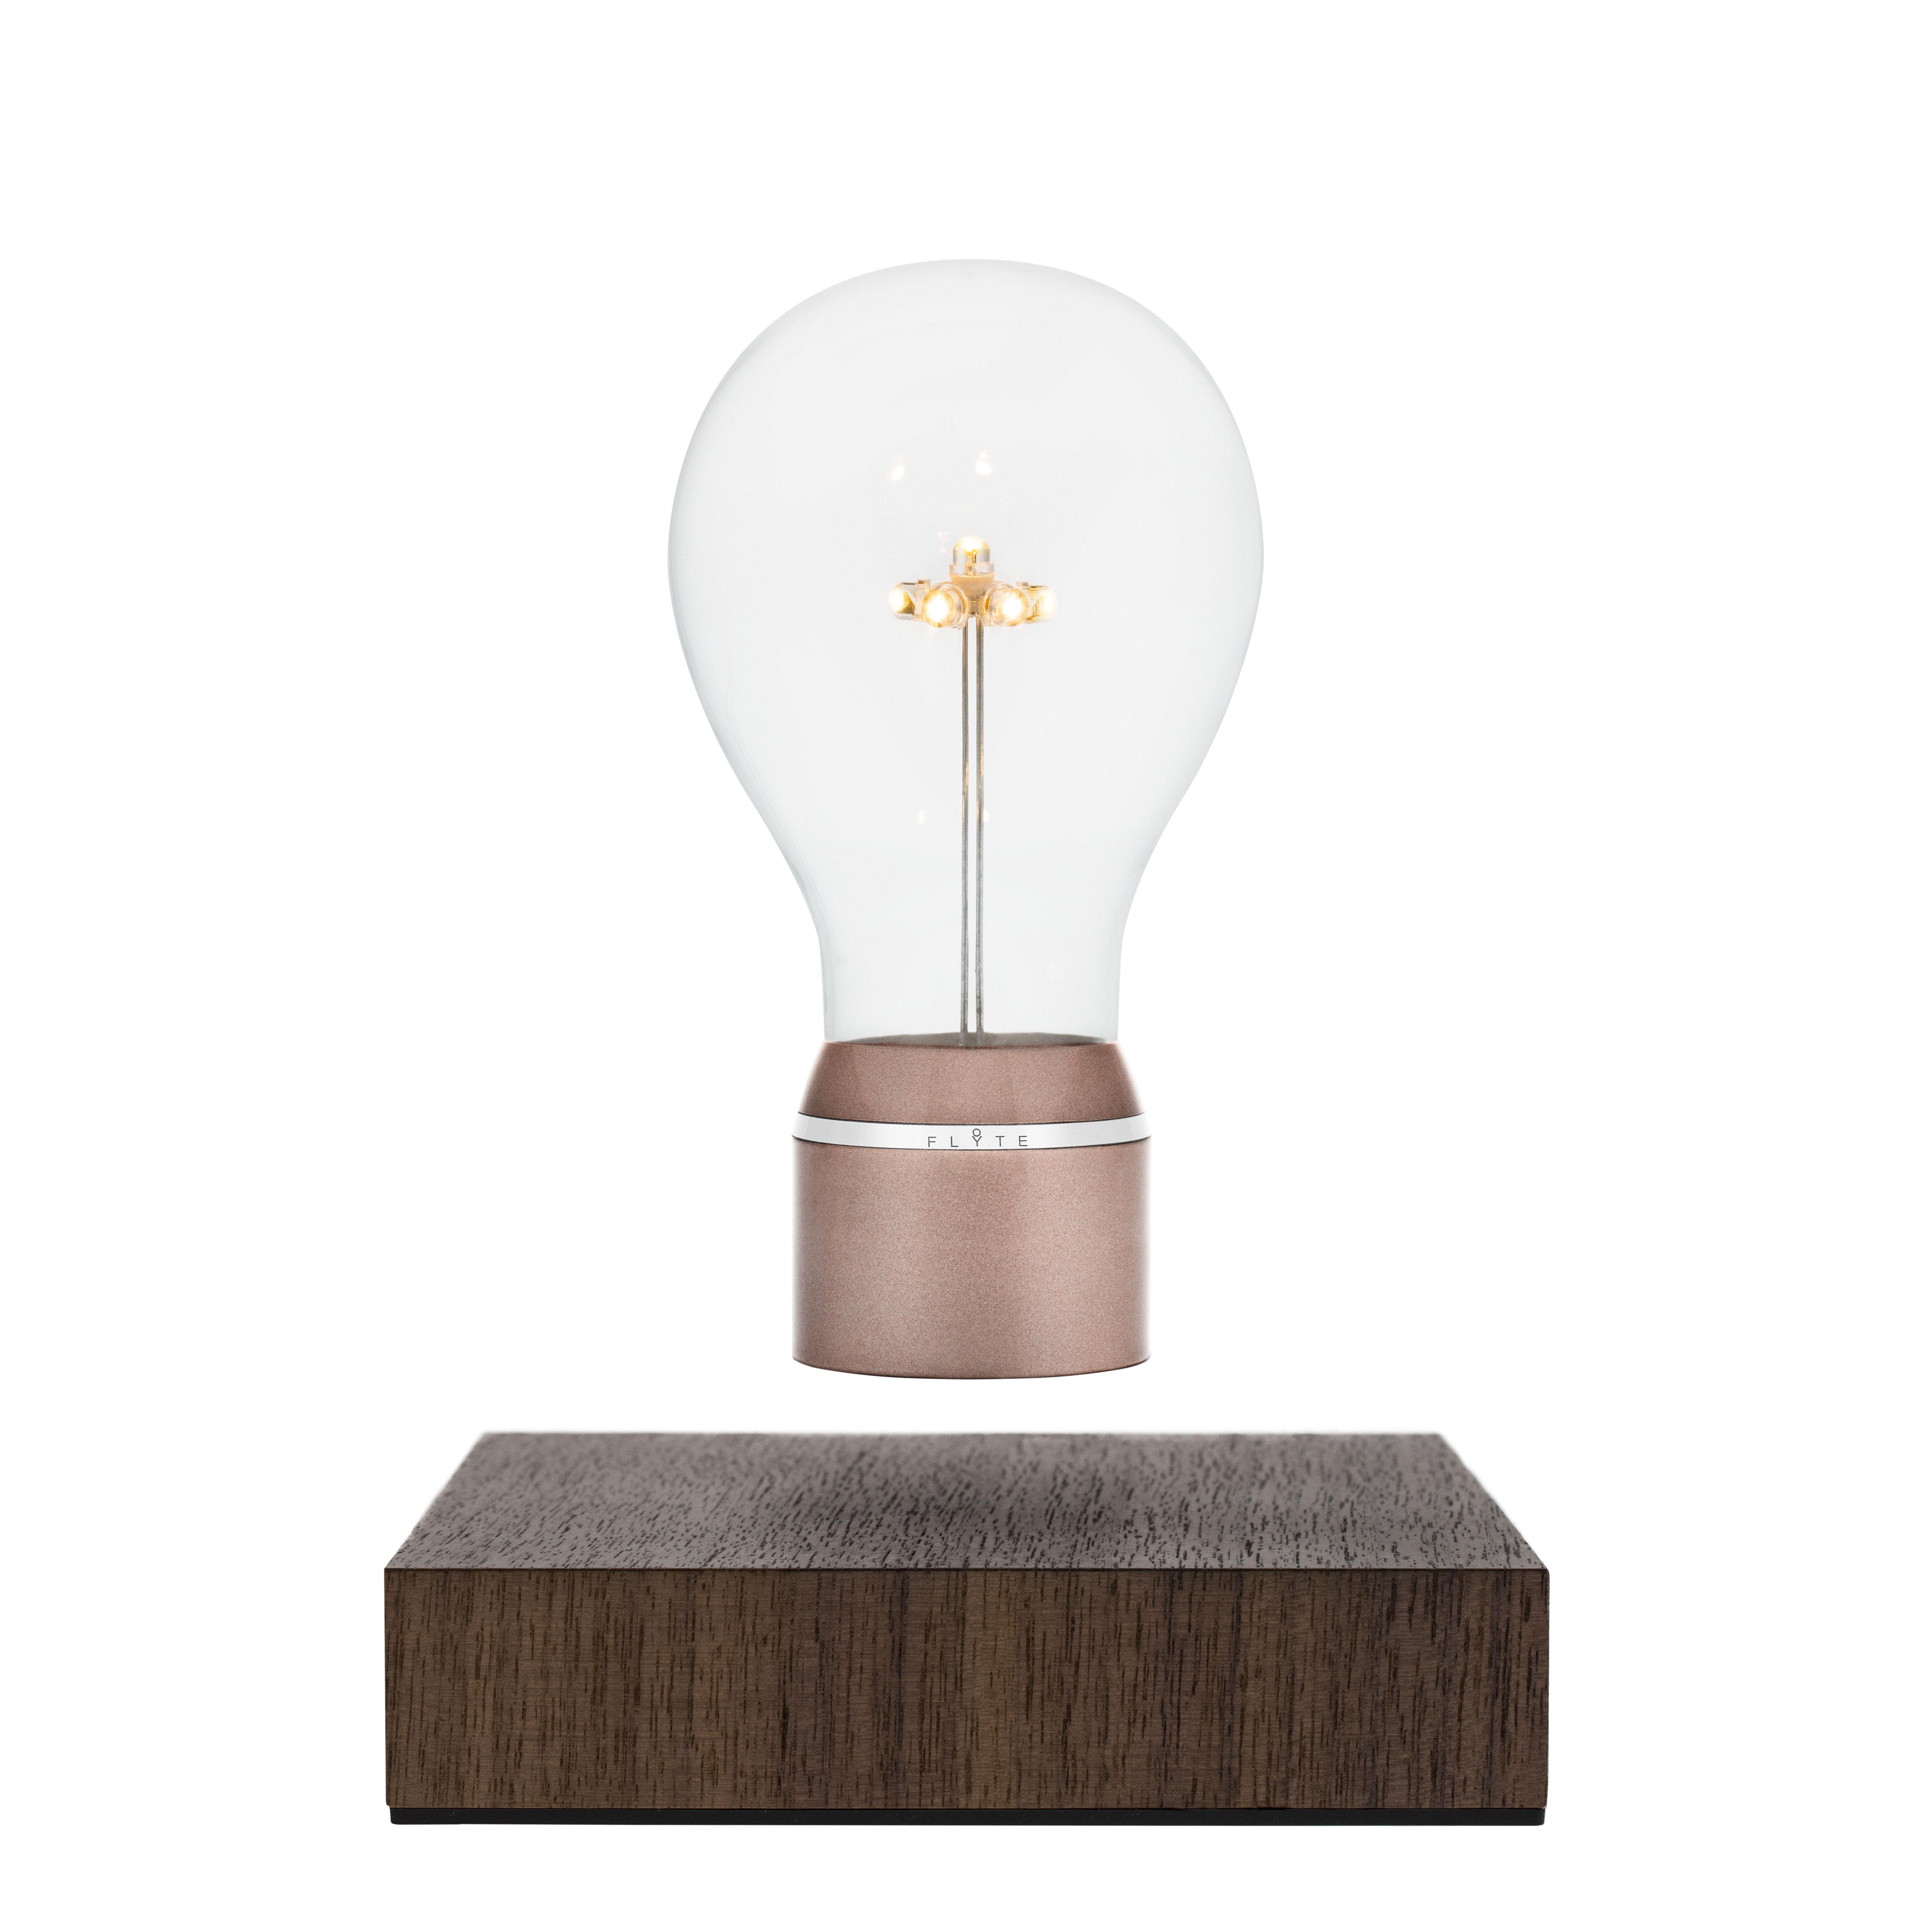 Illuminazione - Lampade da tavolo - Lampada da tavolo Flyte Buckminster - / Lampadina in levitazione di Flyte - Rame / Base noce - Metallo, Noce, Vetro